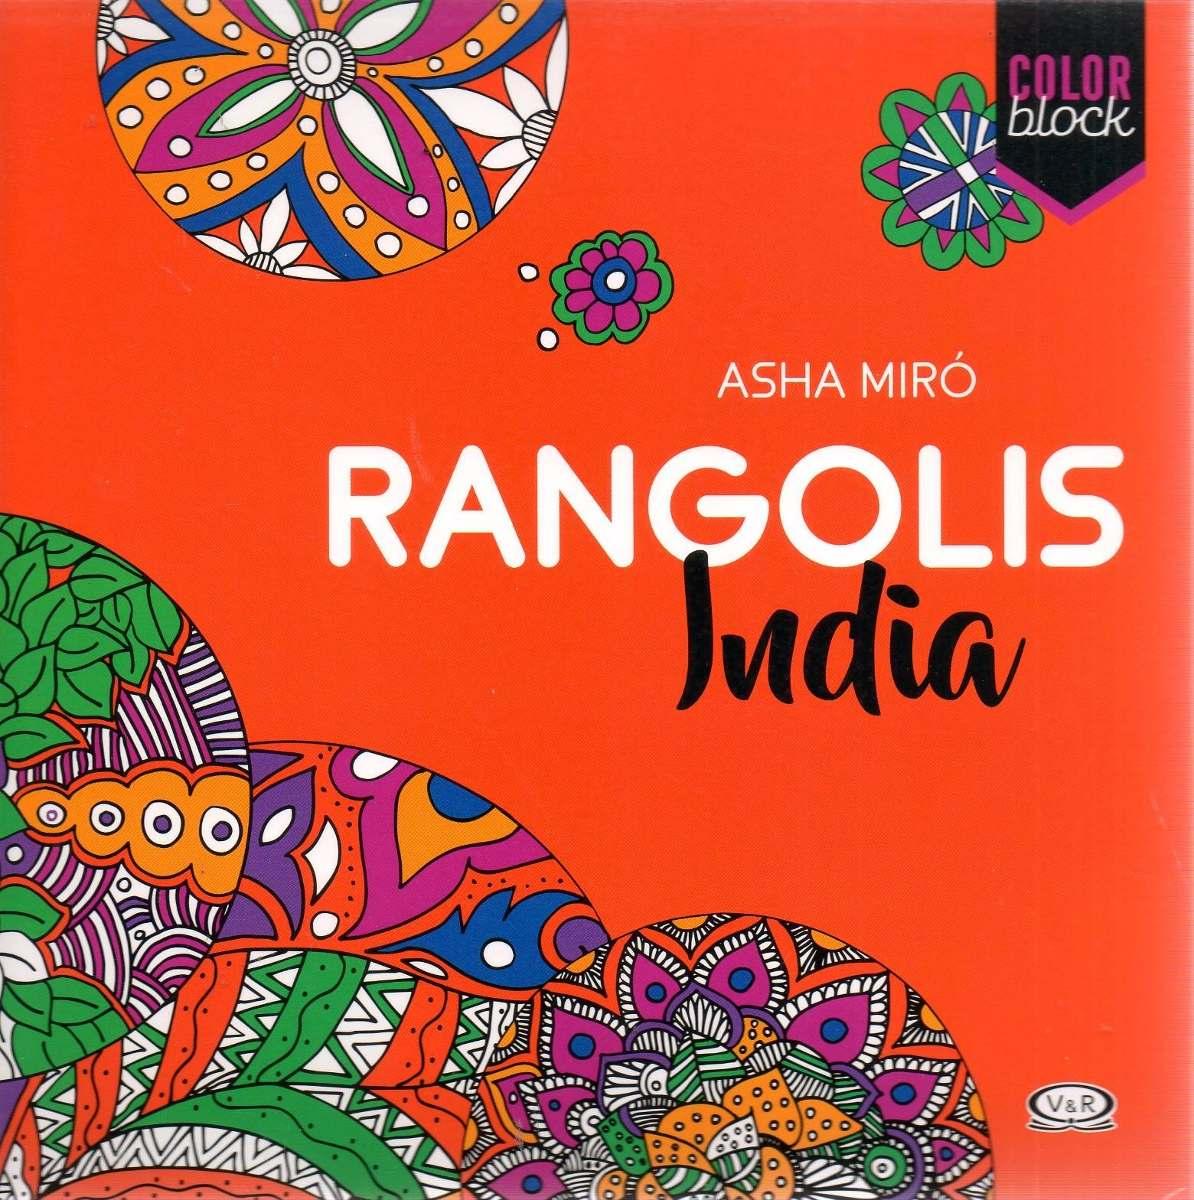 Libro: Mandalas Rangolis India ( Asha Miró) Color Block - $ 490,00 ...